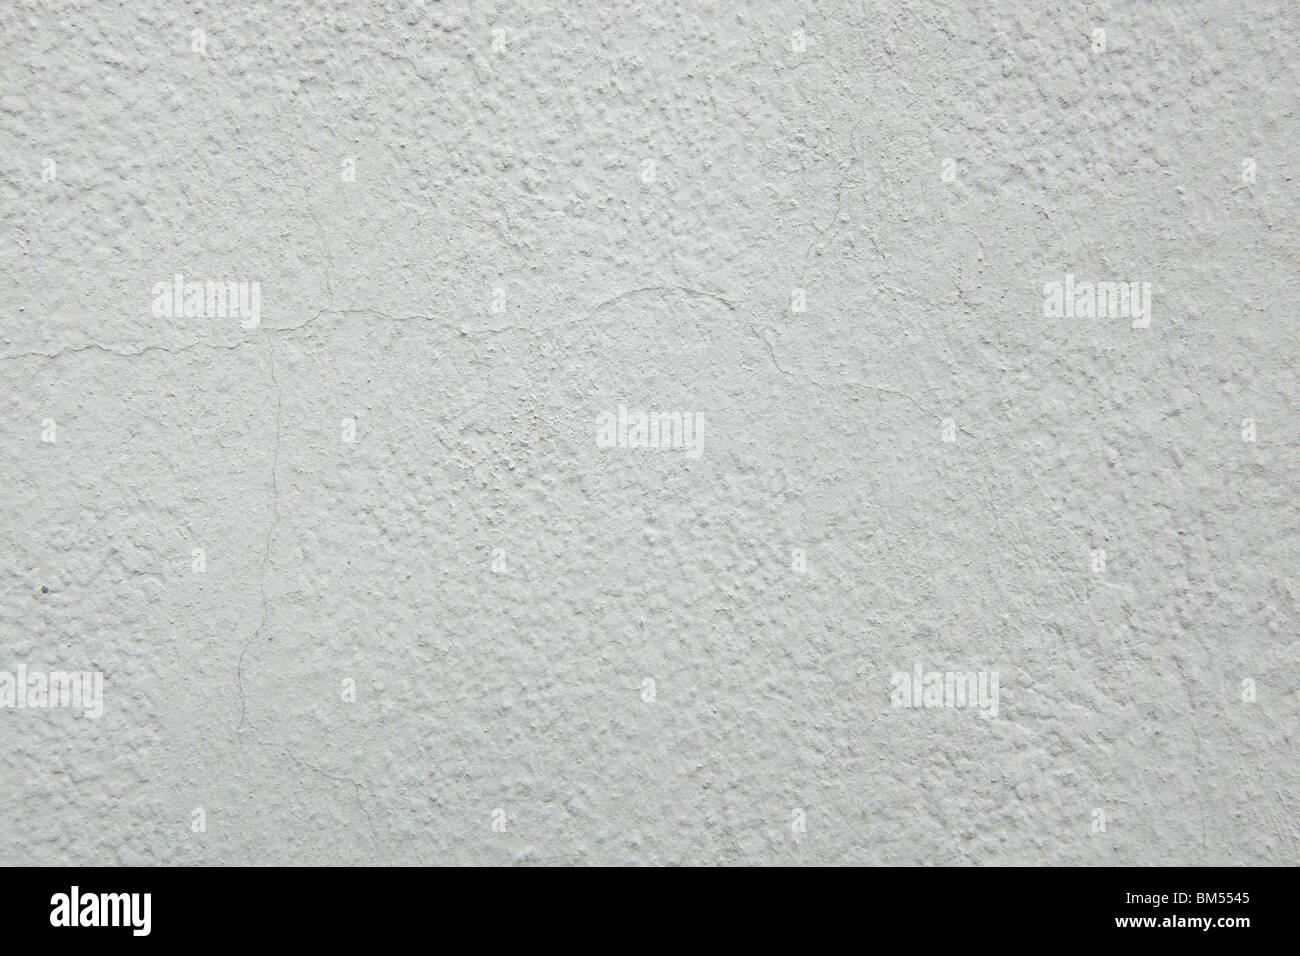 Mur peint en gris clair avec fond texture peinture visible Banque D ...